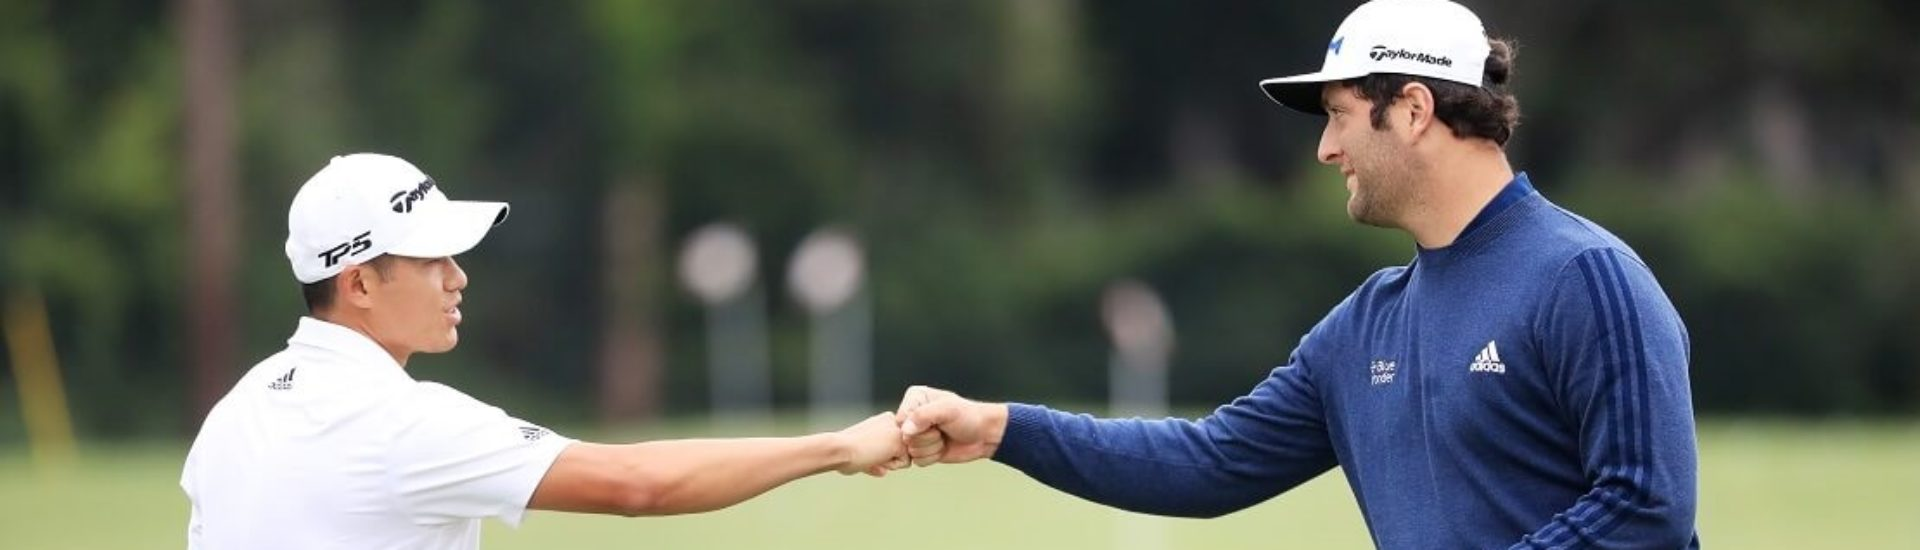 Abwechslung auf der PGA Tour: Welche Teams starten beim Zurich Classic?